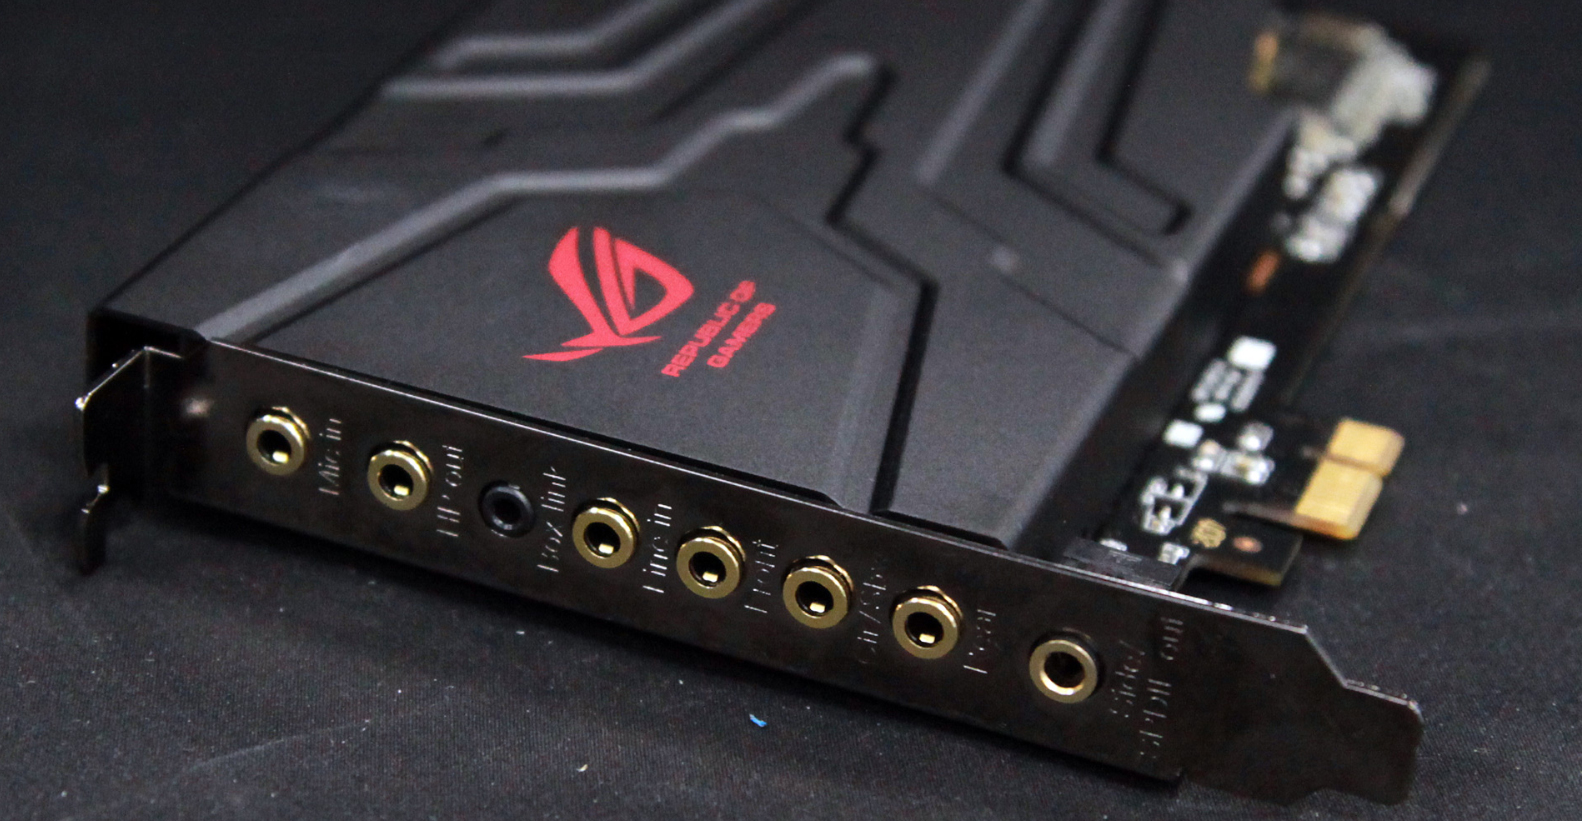 Asus Xonar U7 Sound Card Has A Built In Headphone Amp